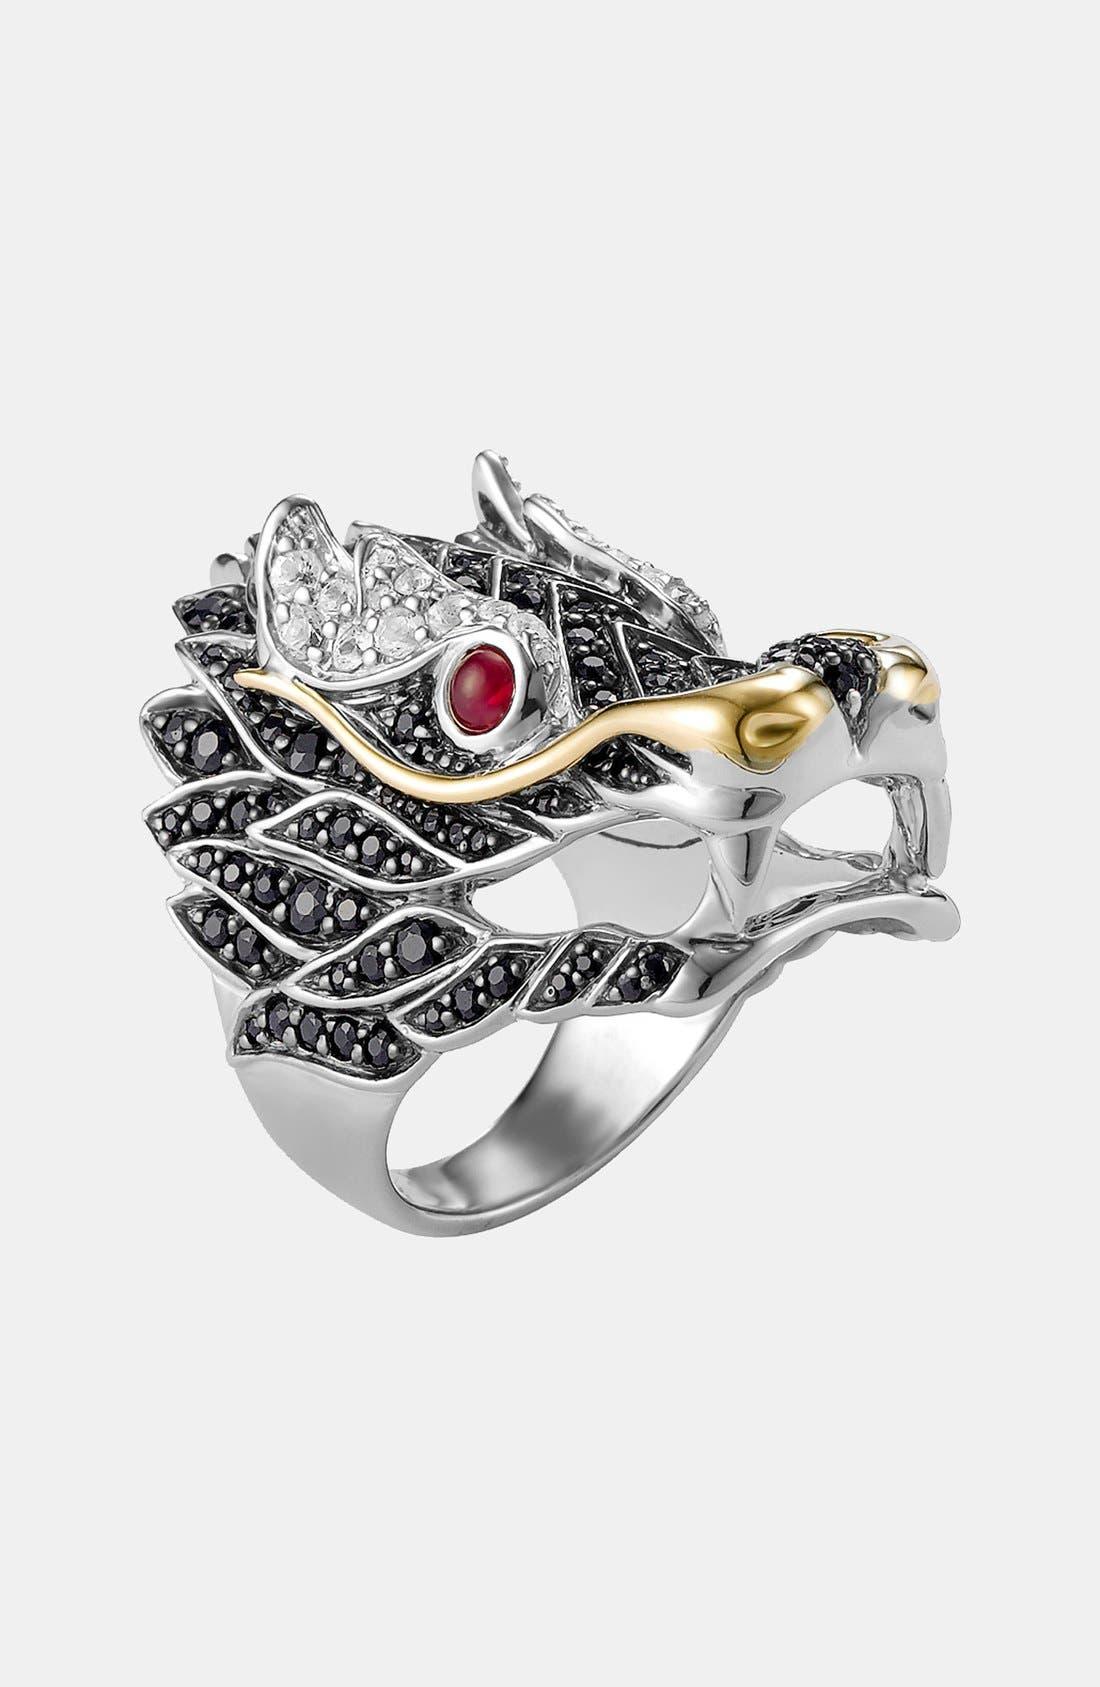 'Naga' Dragon Cocktail Ring,                             Main thumbnail 1, color,                             SILVER/ RUBY